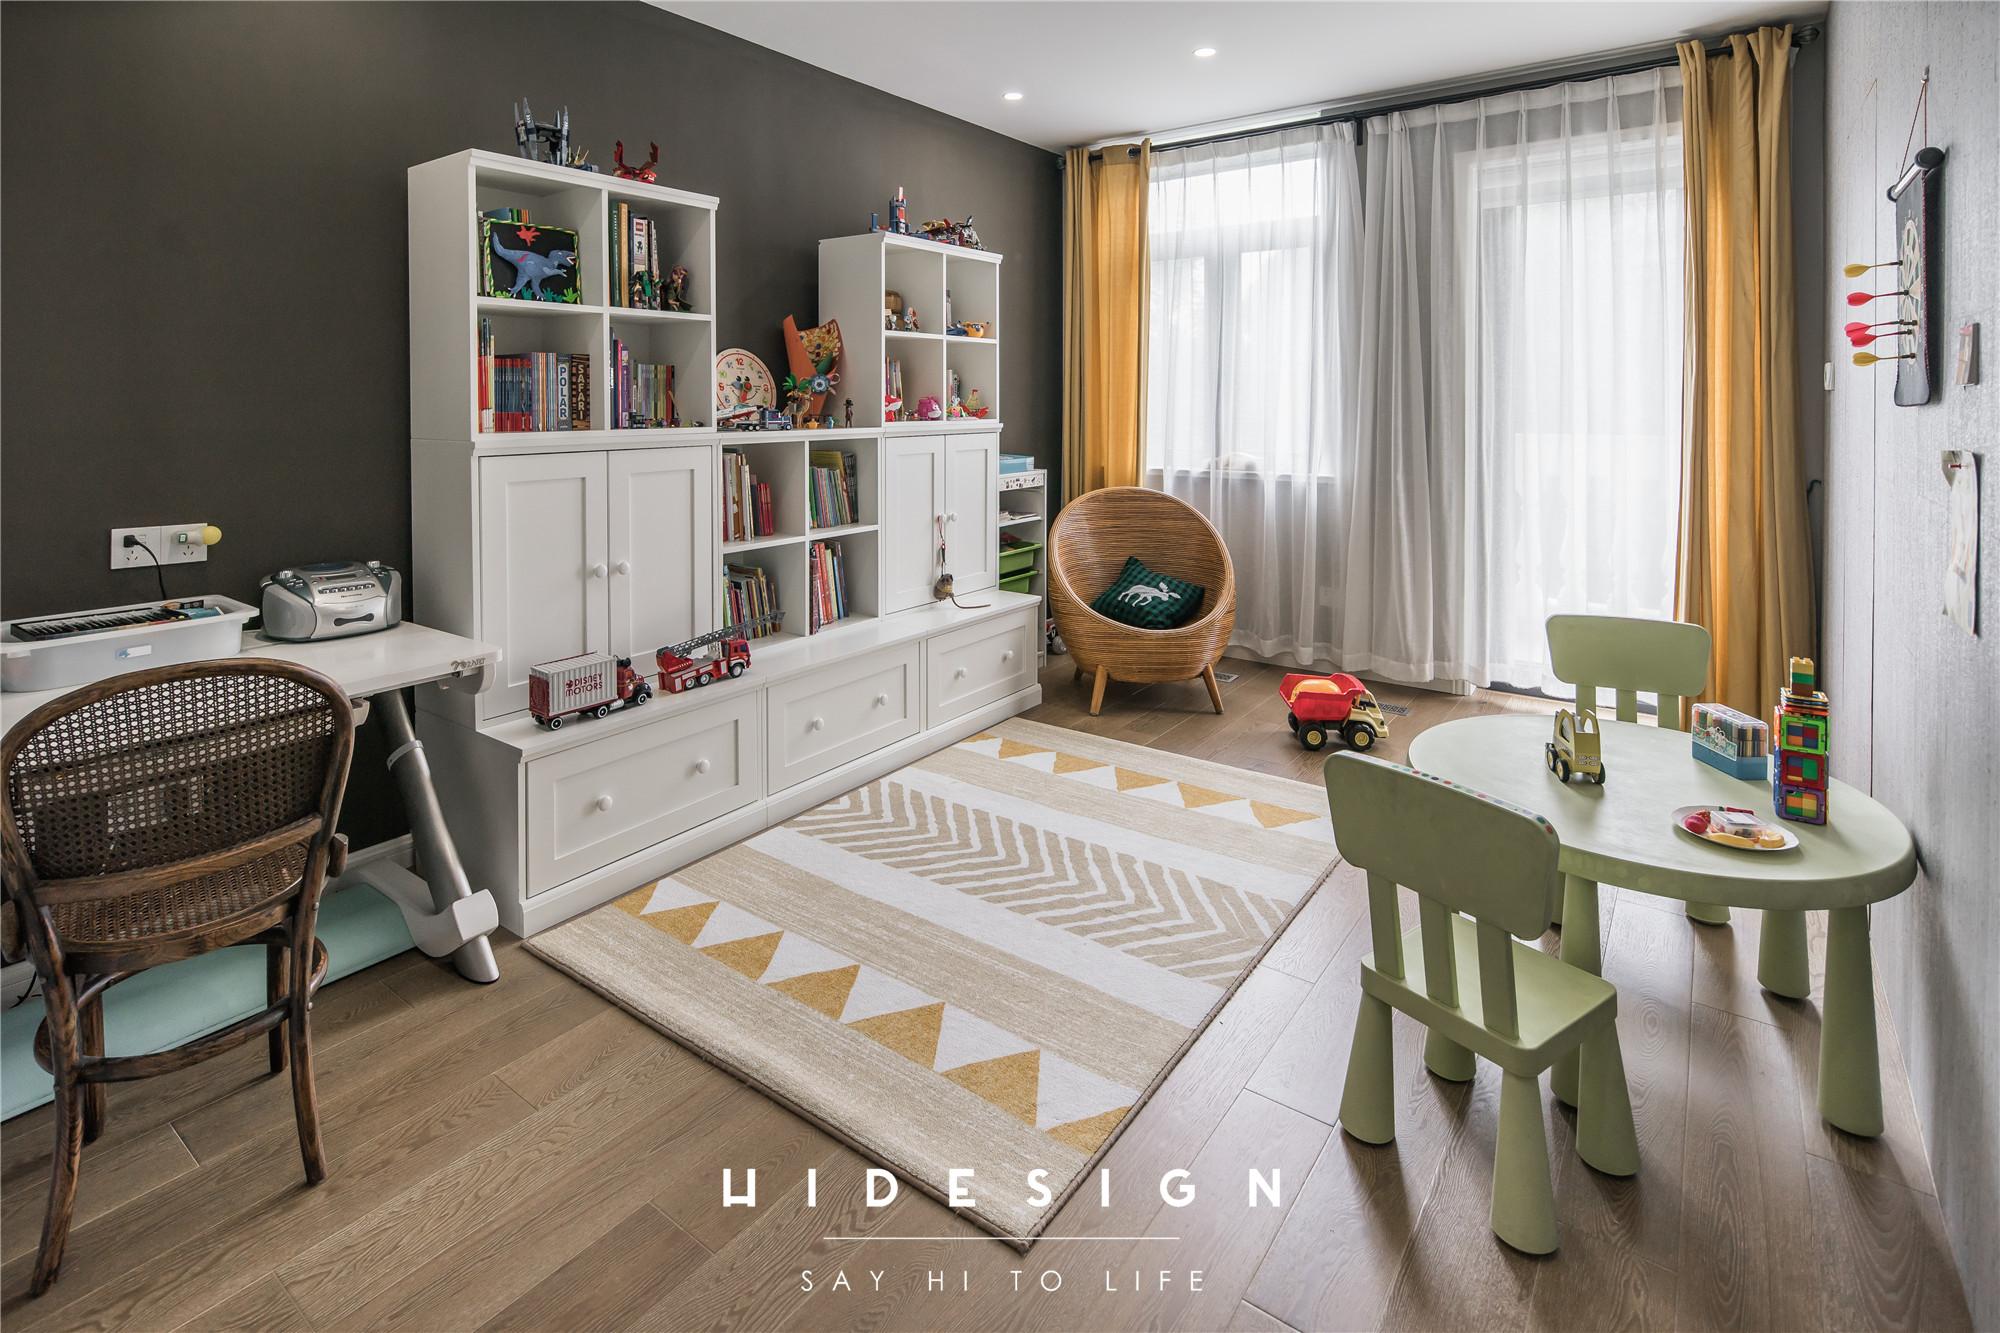 混搭风格别墅儿童活动室装修效果图